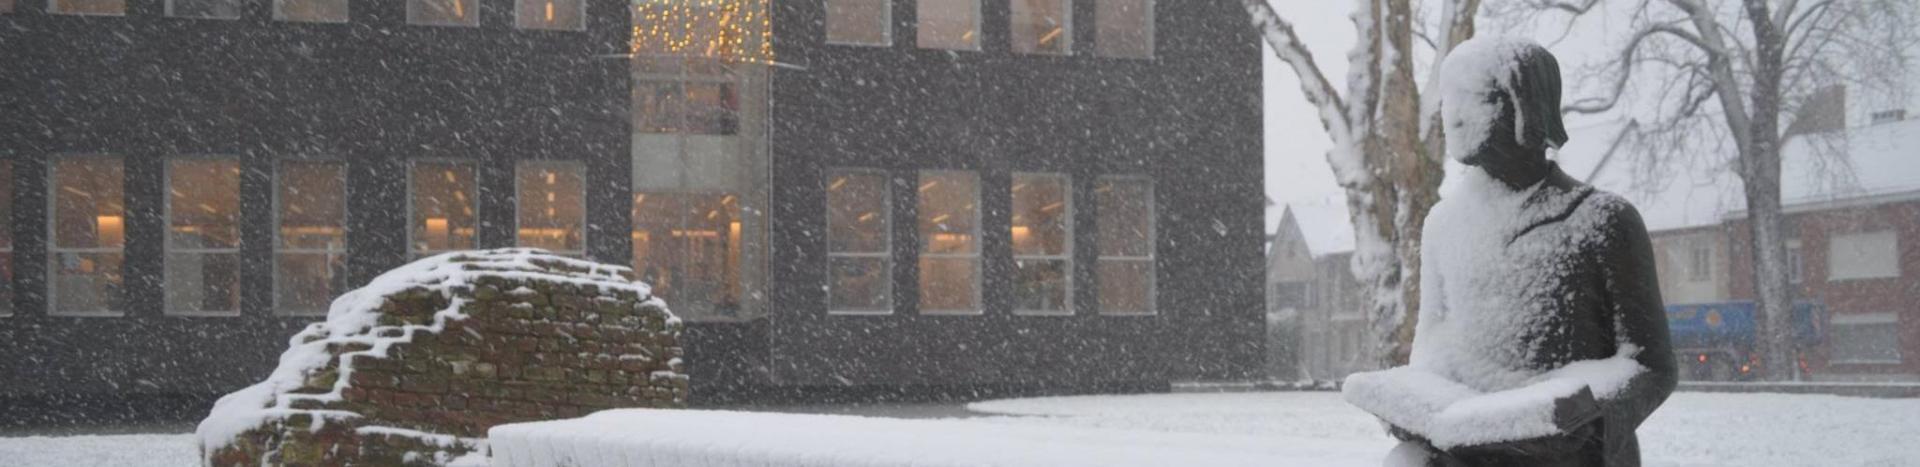 Diederik in de sneeuw